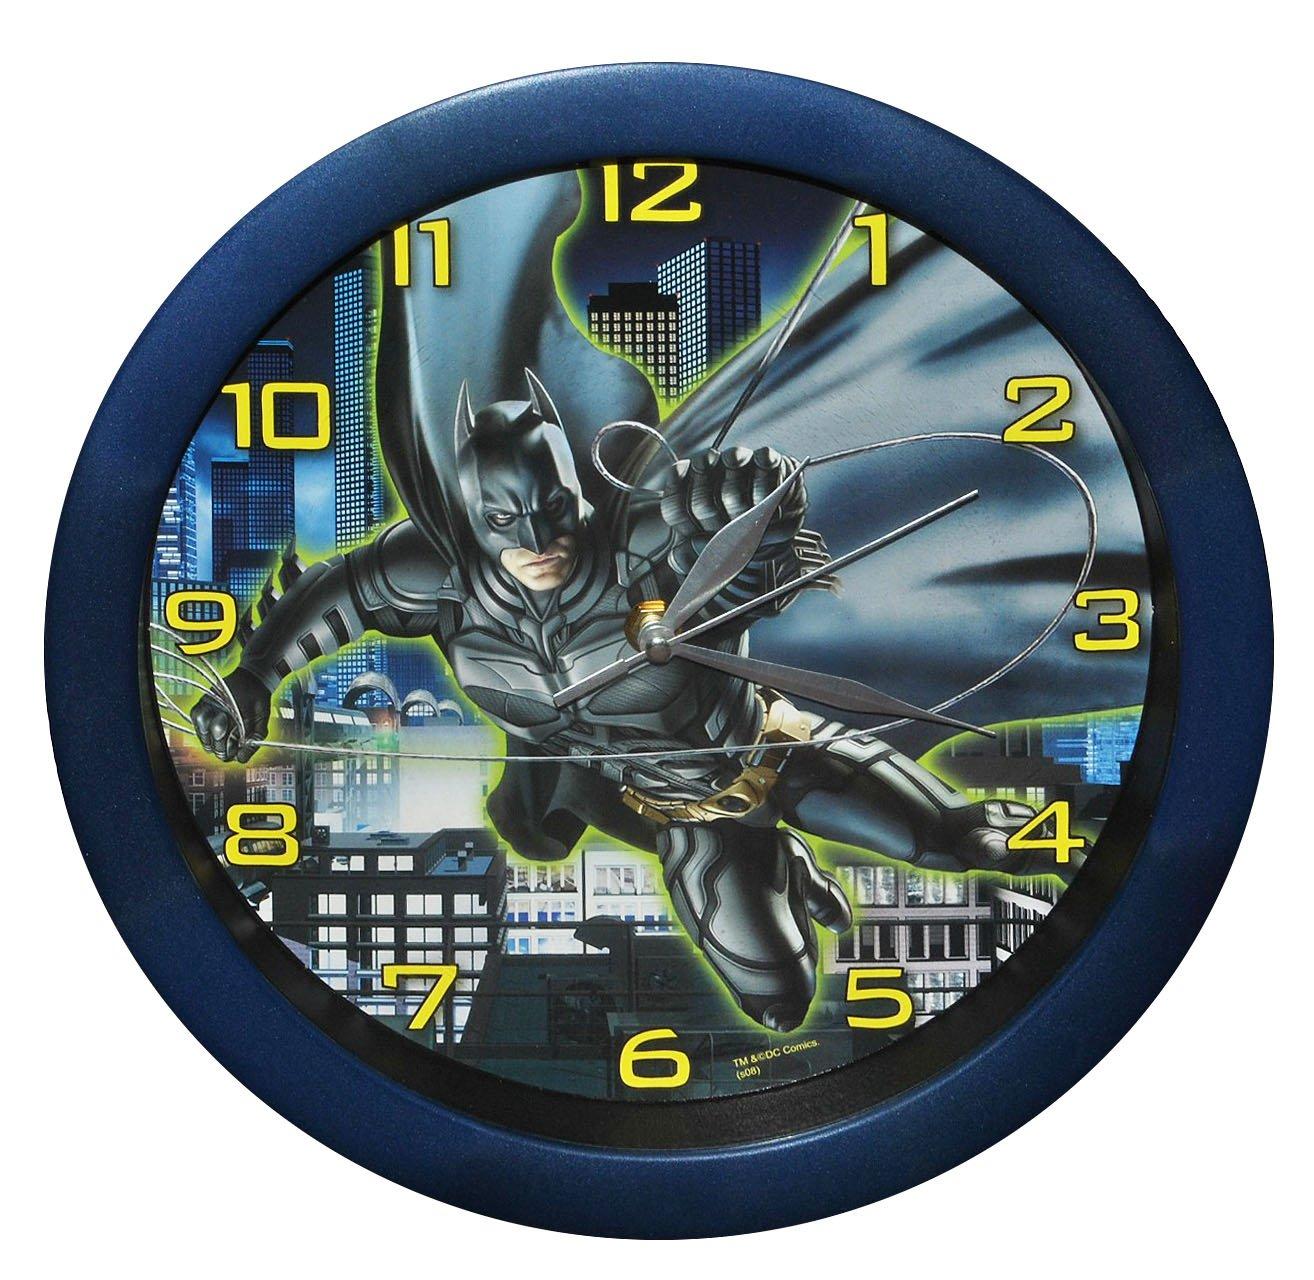 """Wanduhr Batman """" The Dark Knight """" – 29 cm groß Uhr – für Kinderzimmer Kinderuhr – Analog Jungen Bruce Wayne Fledermaus Mann Comic Held Aktion bestellen"""